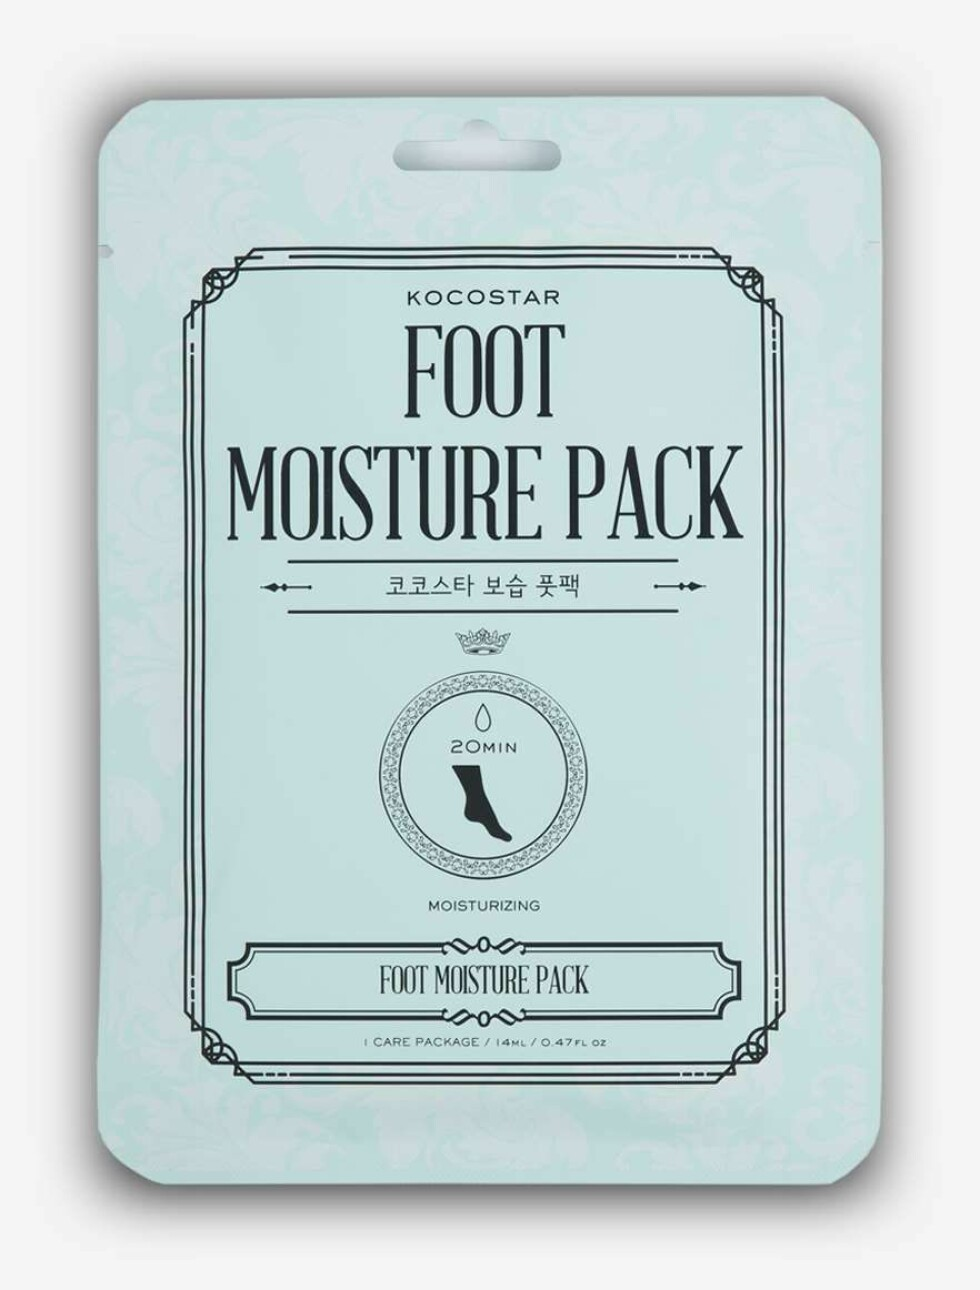 Foot Moisture Pack fra Kocostar |49,-|https://www.kicks.no/hudpleie/kroppspleie/fotpleie-pedikyr/foot-moisture-pack-kocostar-foot-moisture-pack-fo